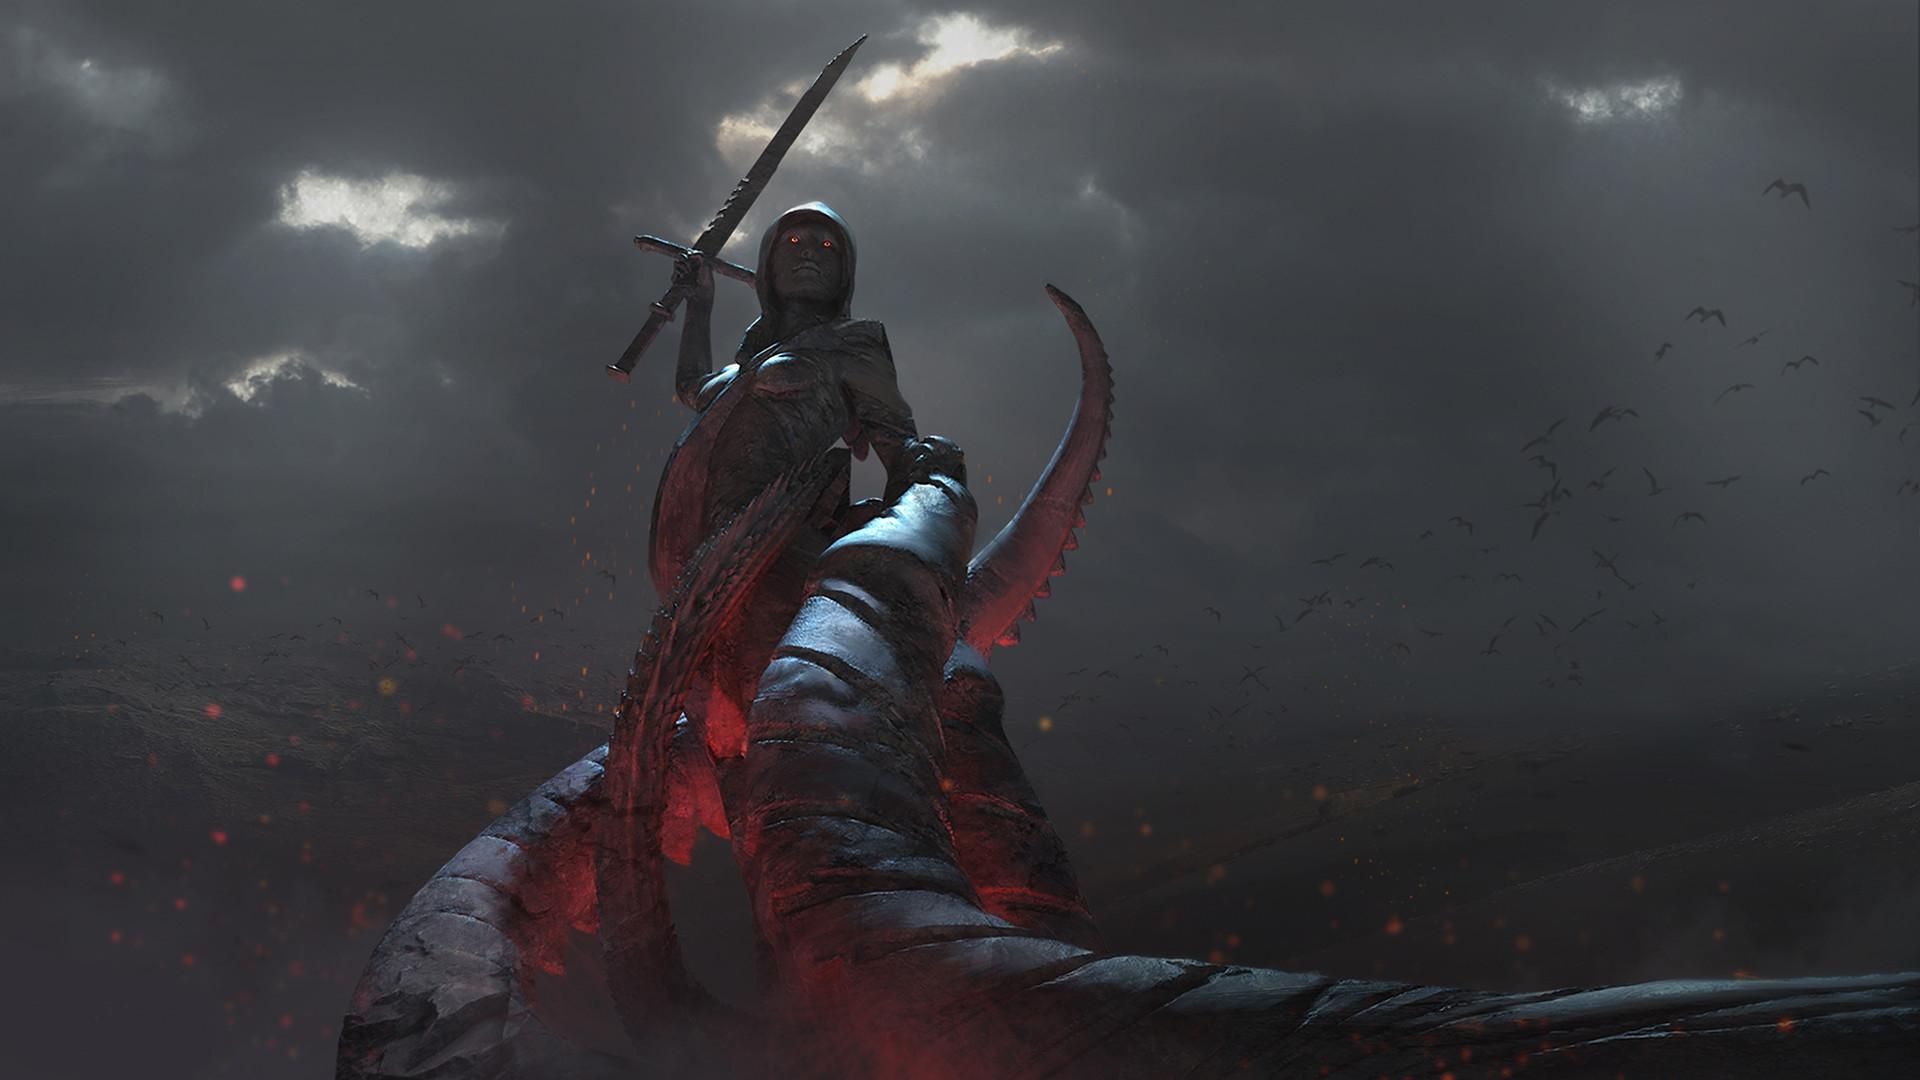 The Sci-Fi & Fantasy Art of Tyler Thull